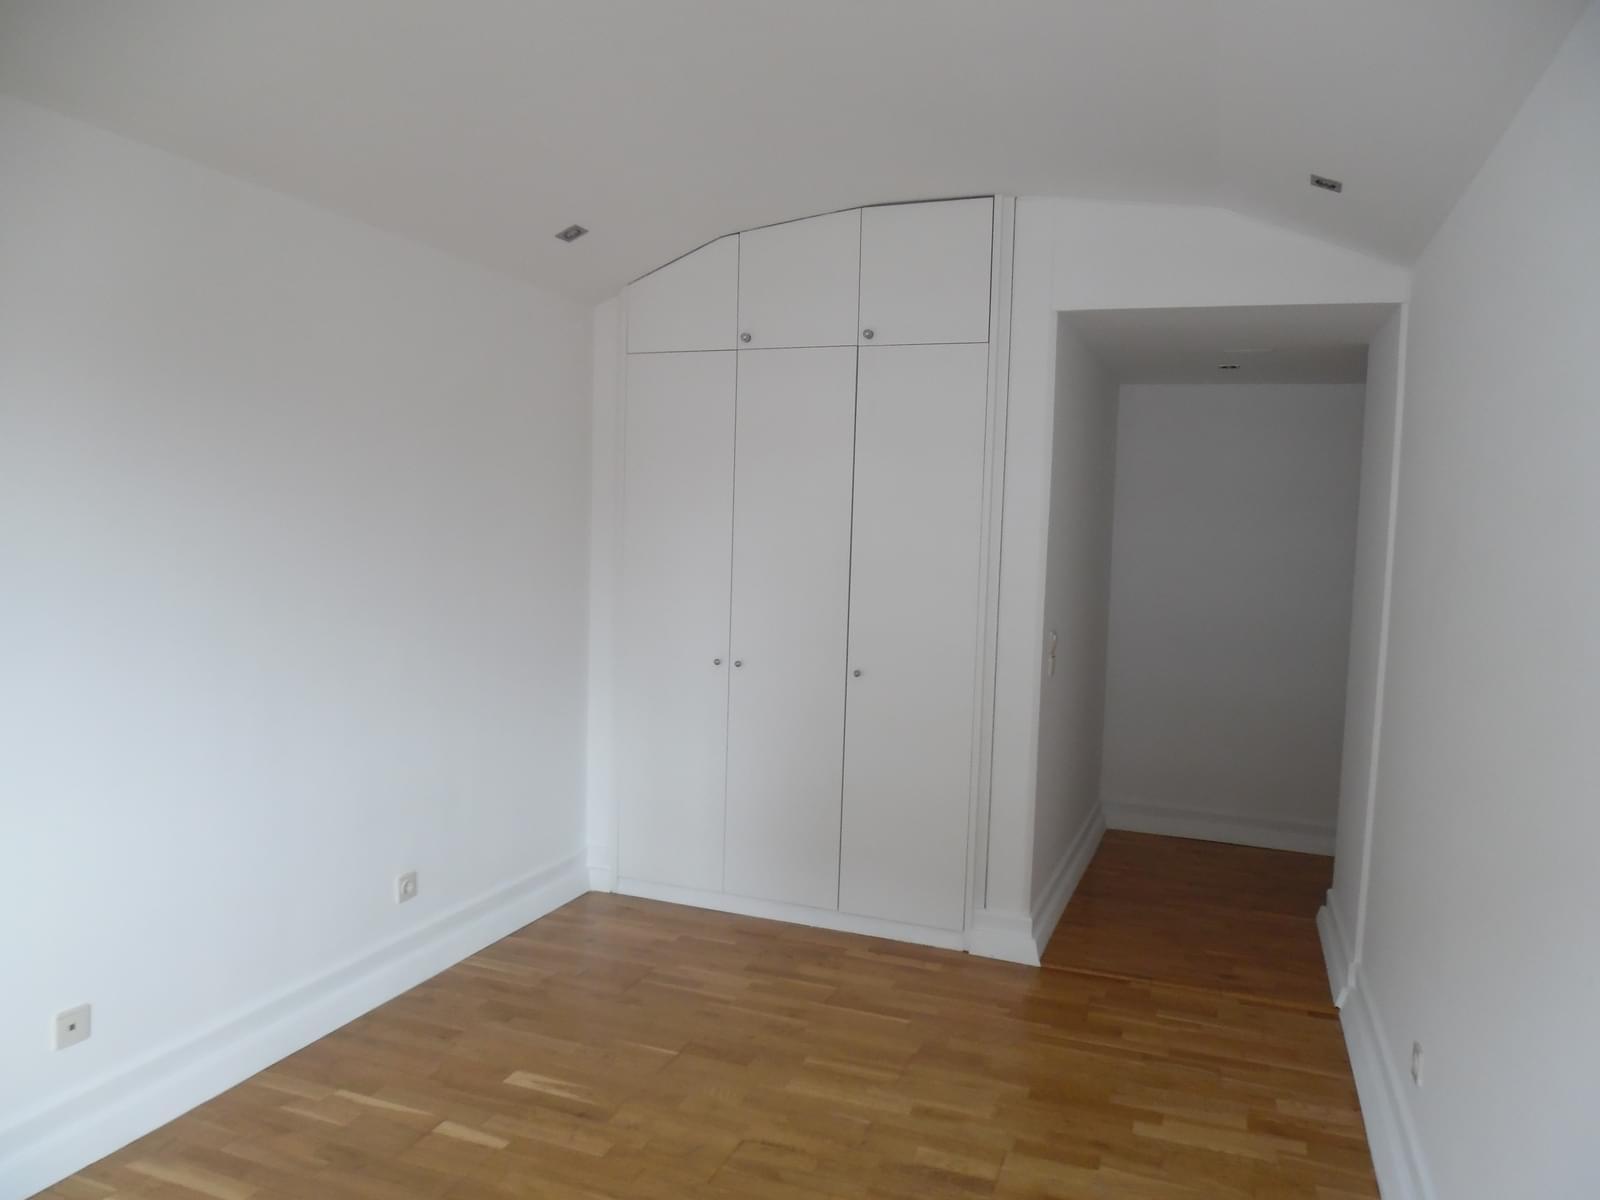 pf17637-apartamento-t2-lisboa-f017e886-2d8d-41ac-885e-44952524b47d